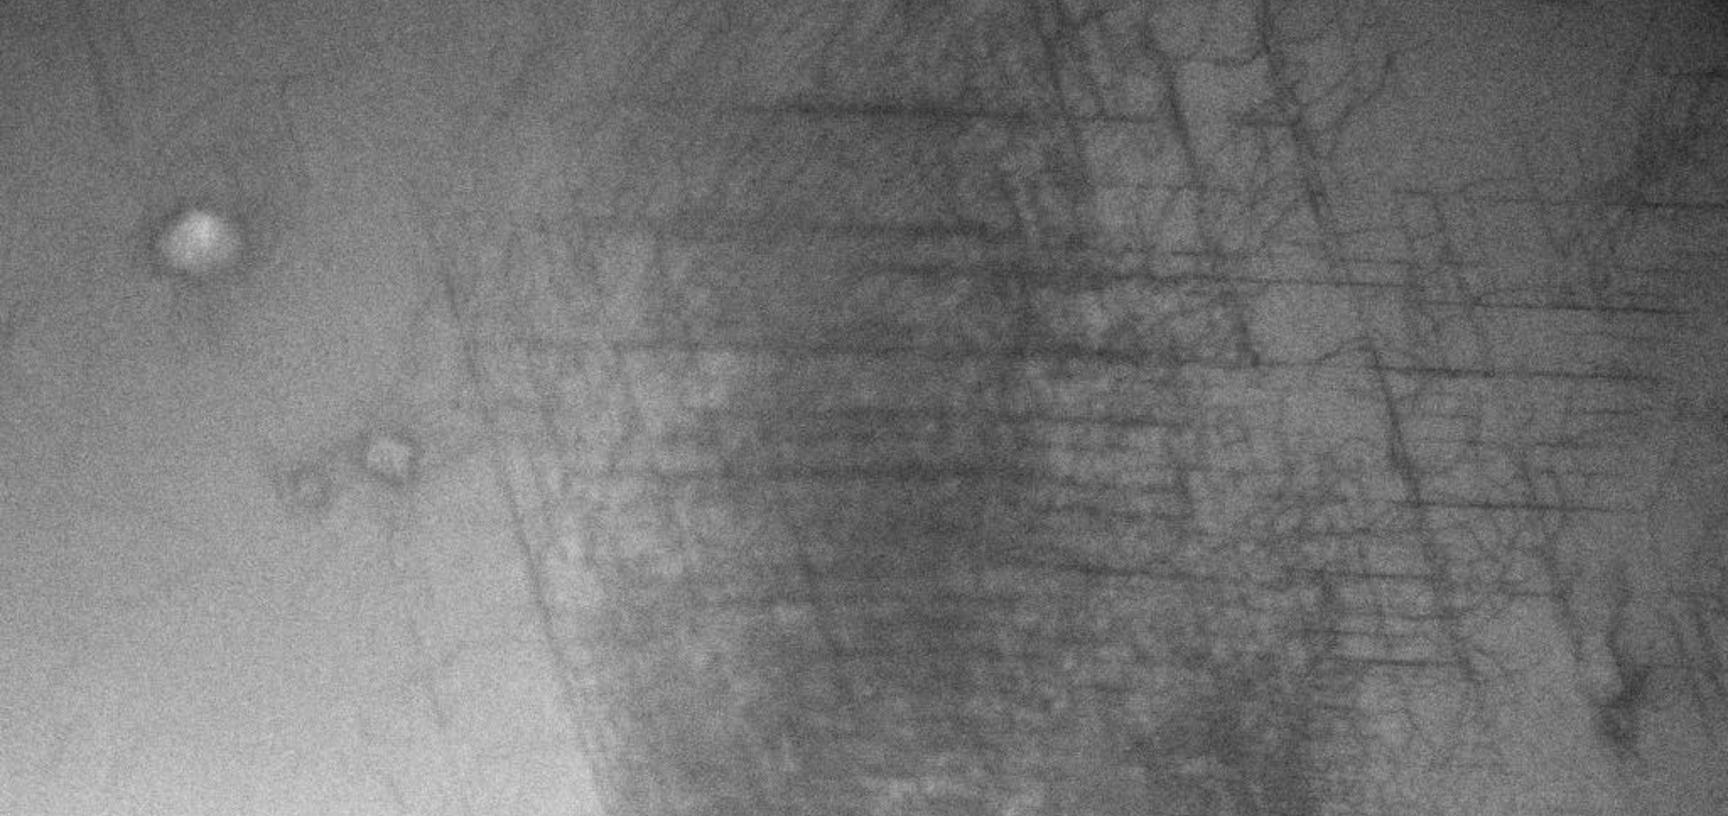 8 defect building under nanoindentation